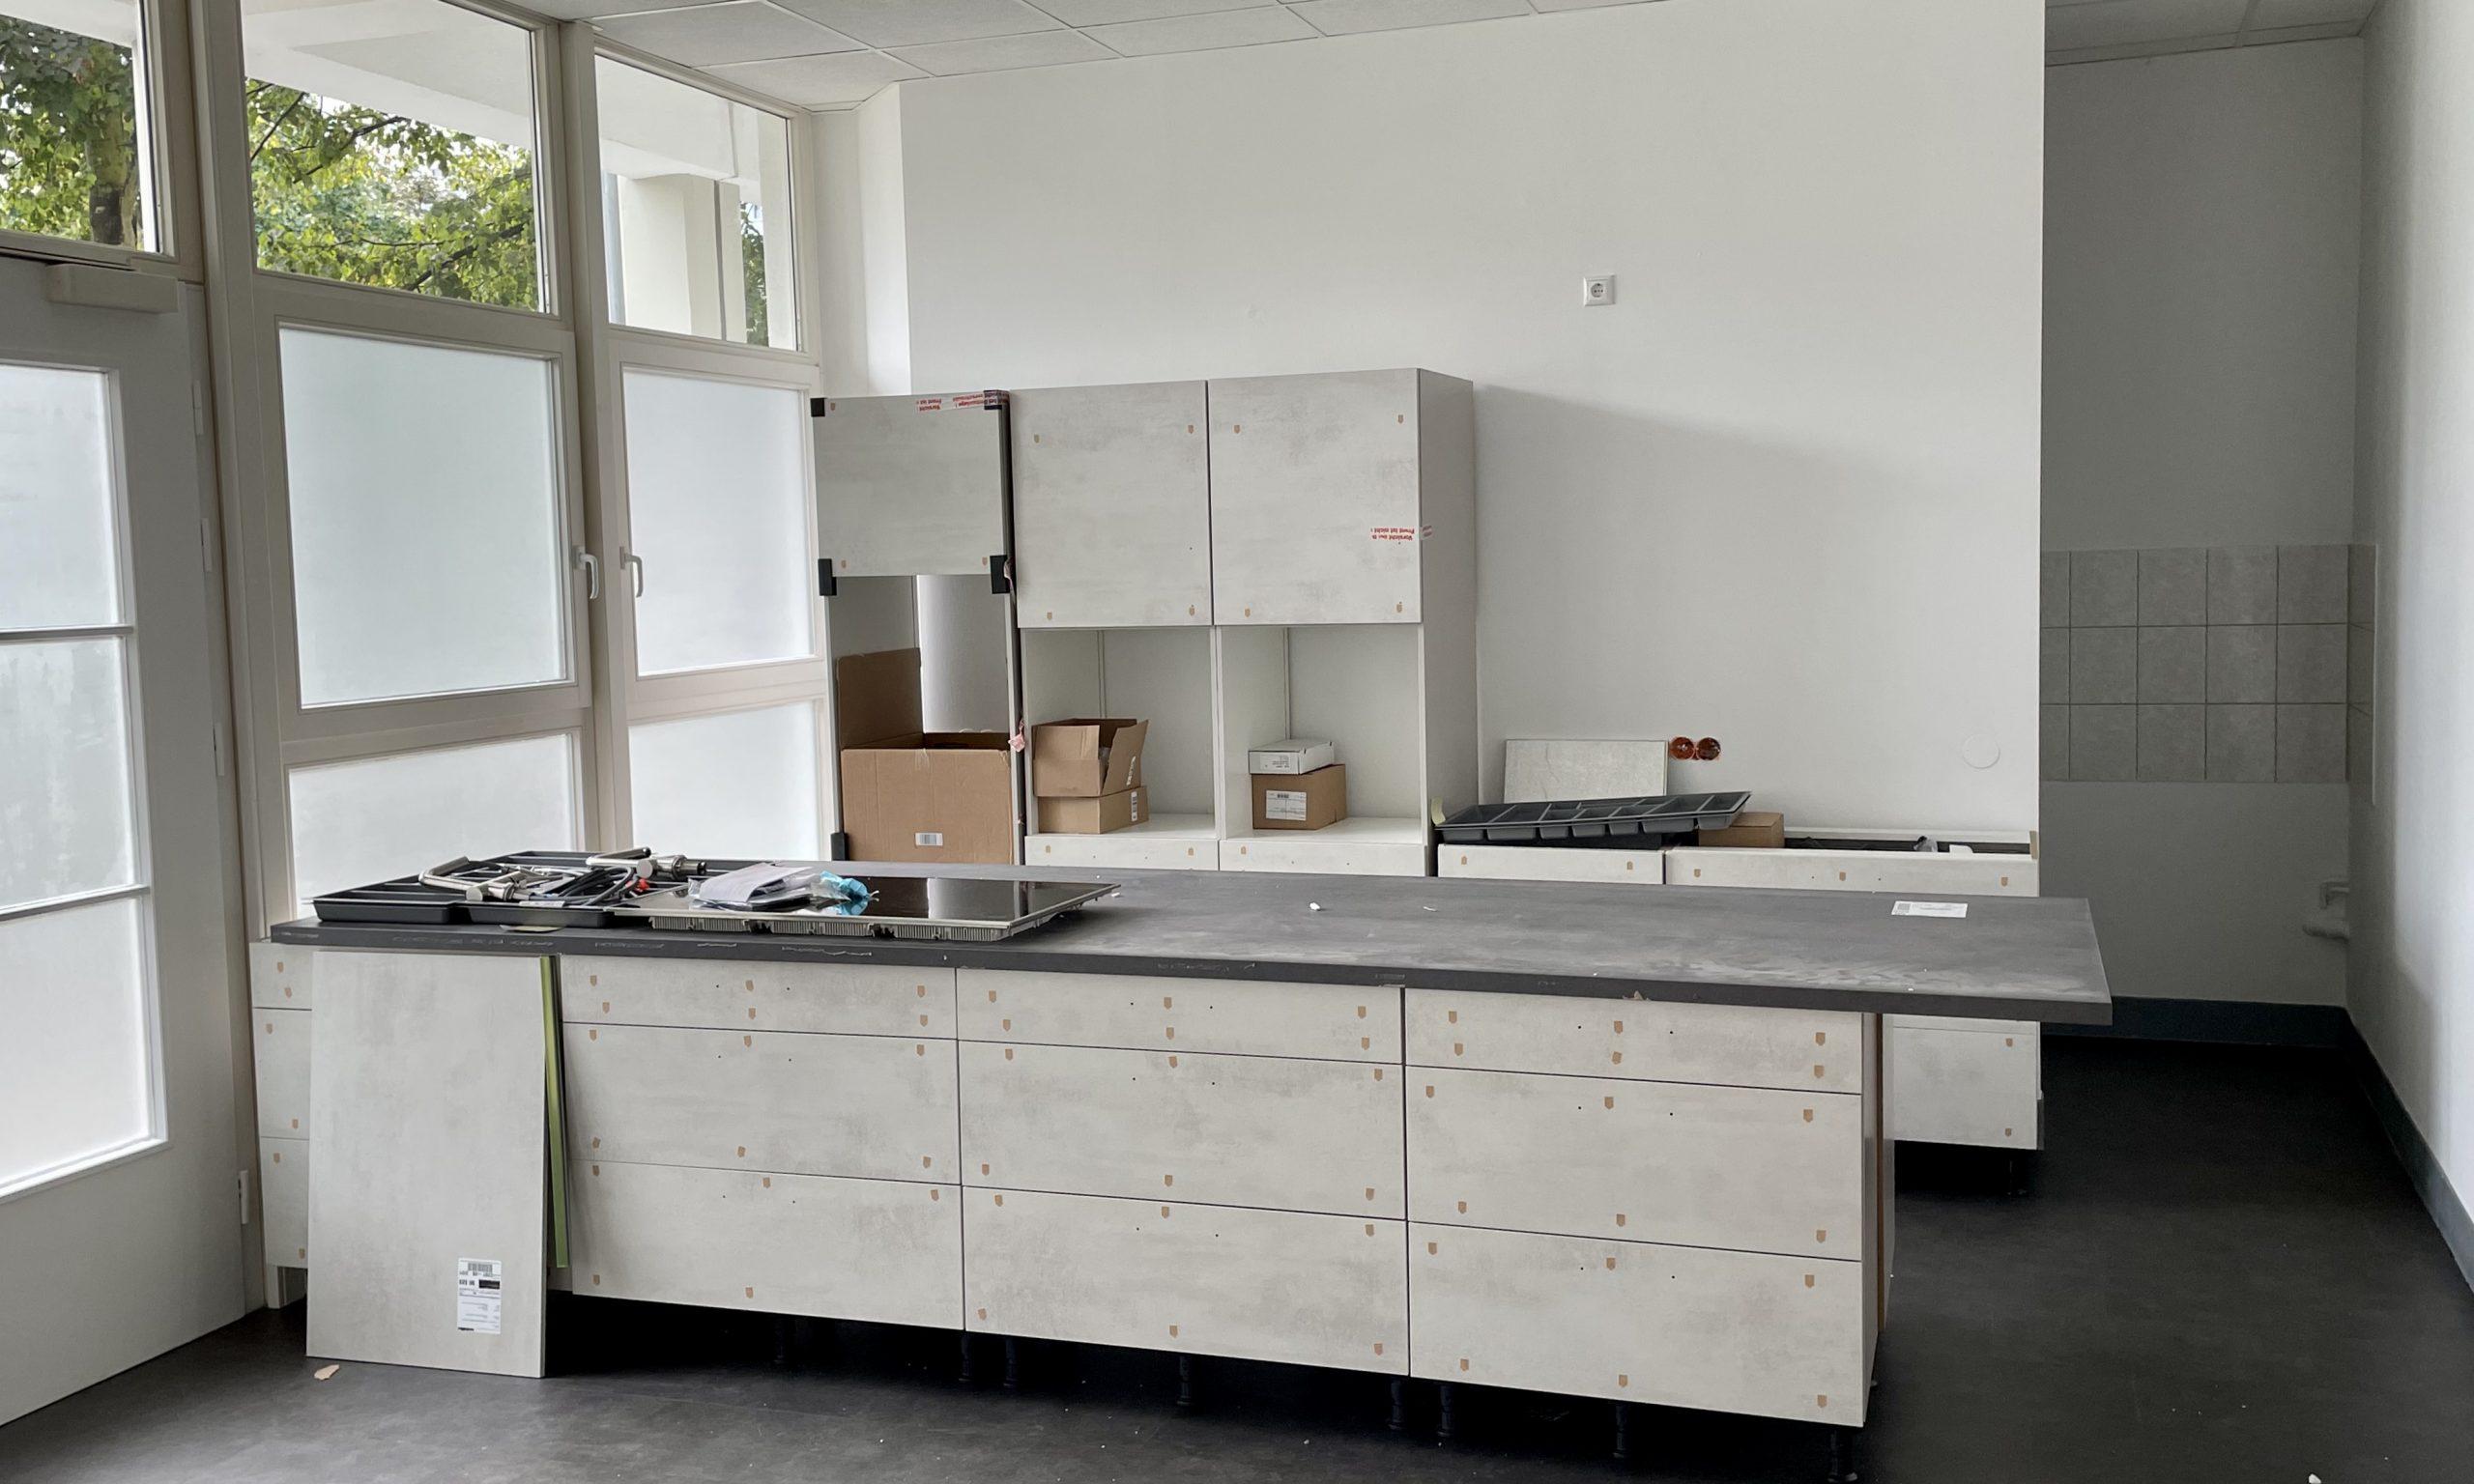 Kücheneinbau Wuhlestraße